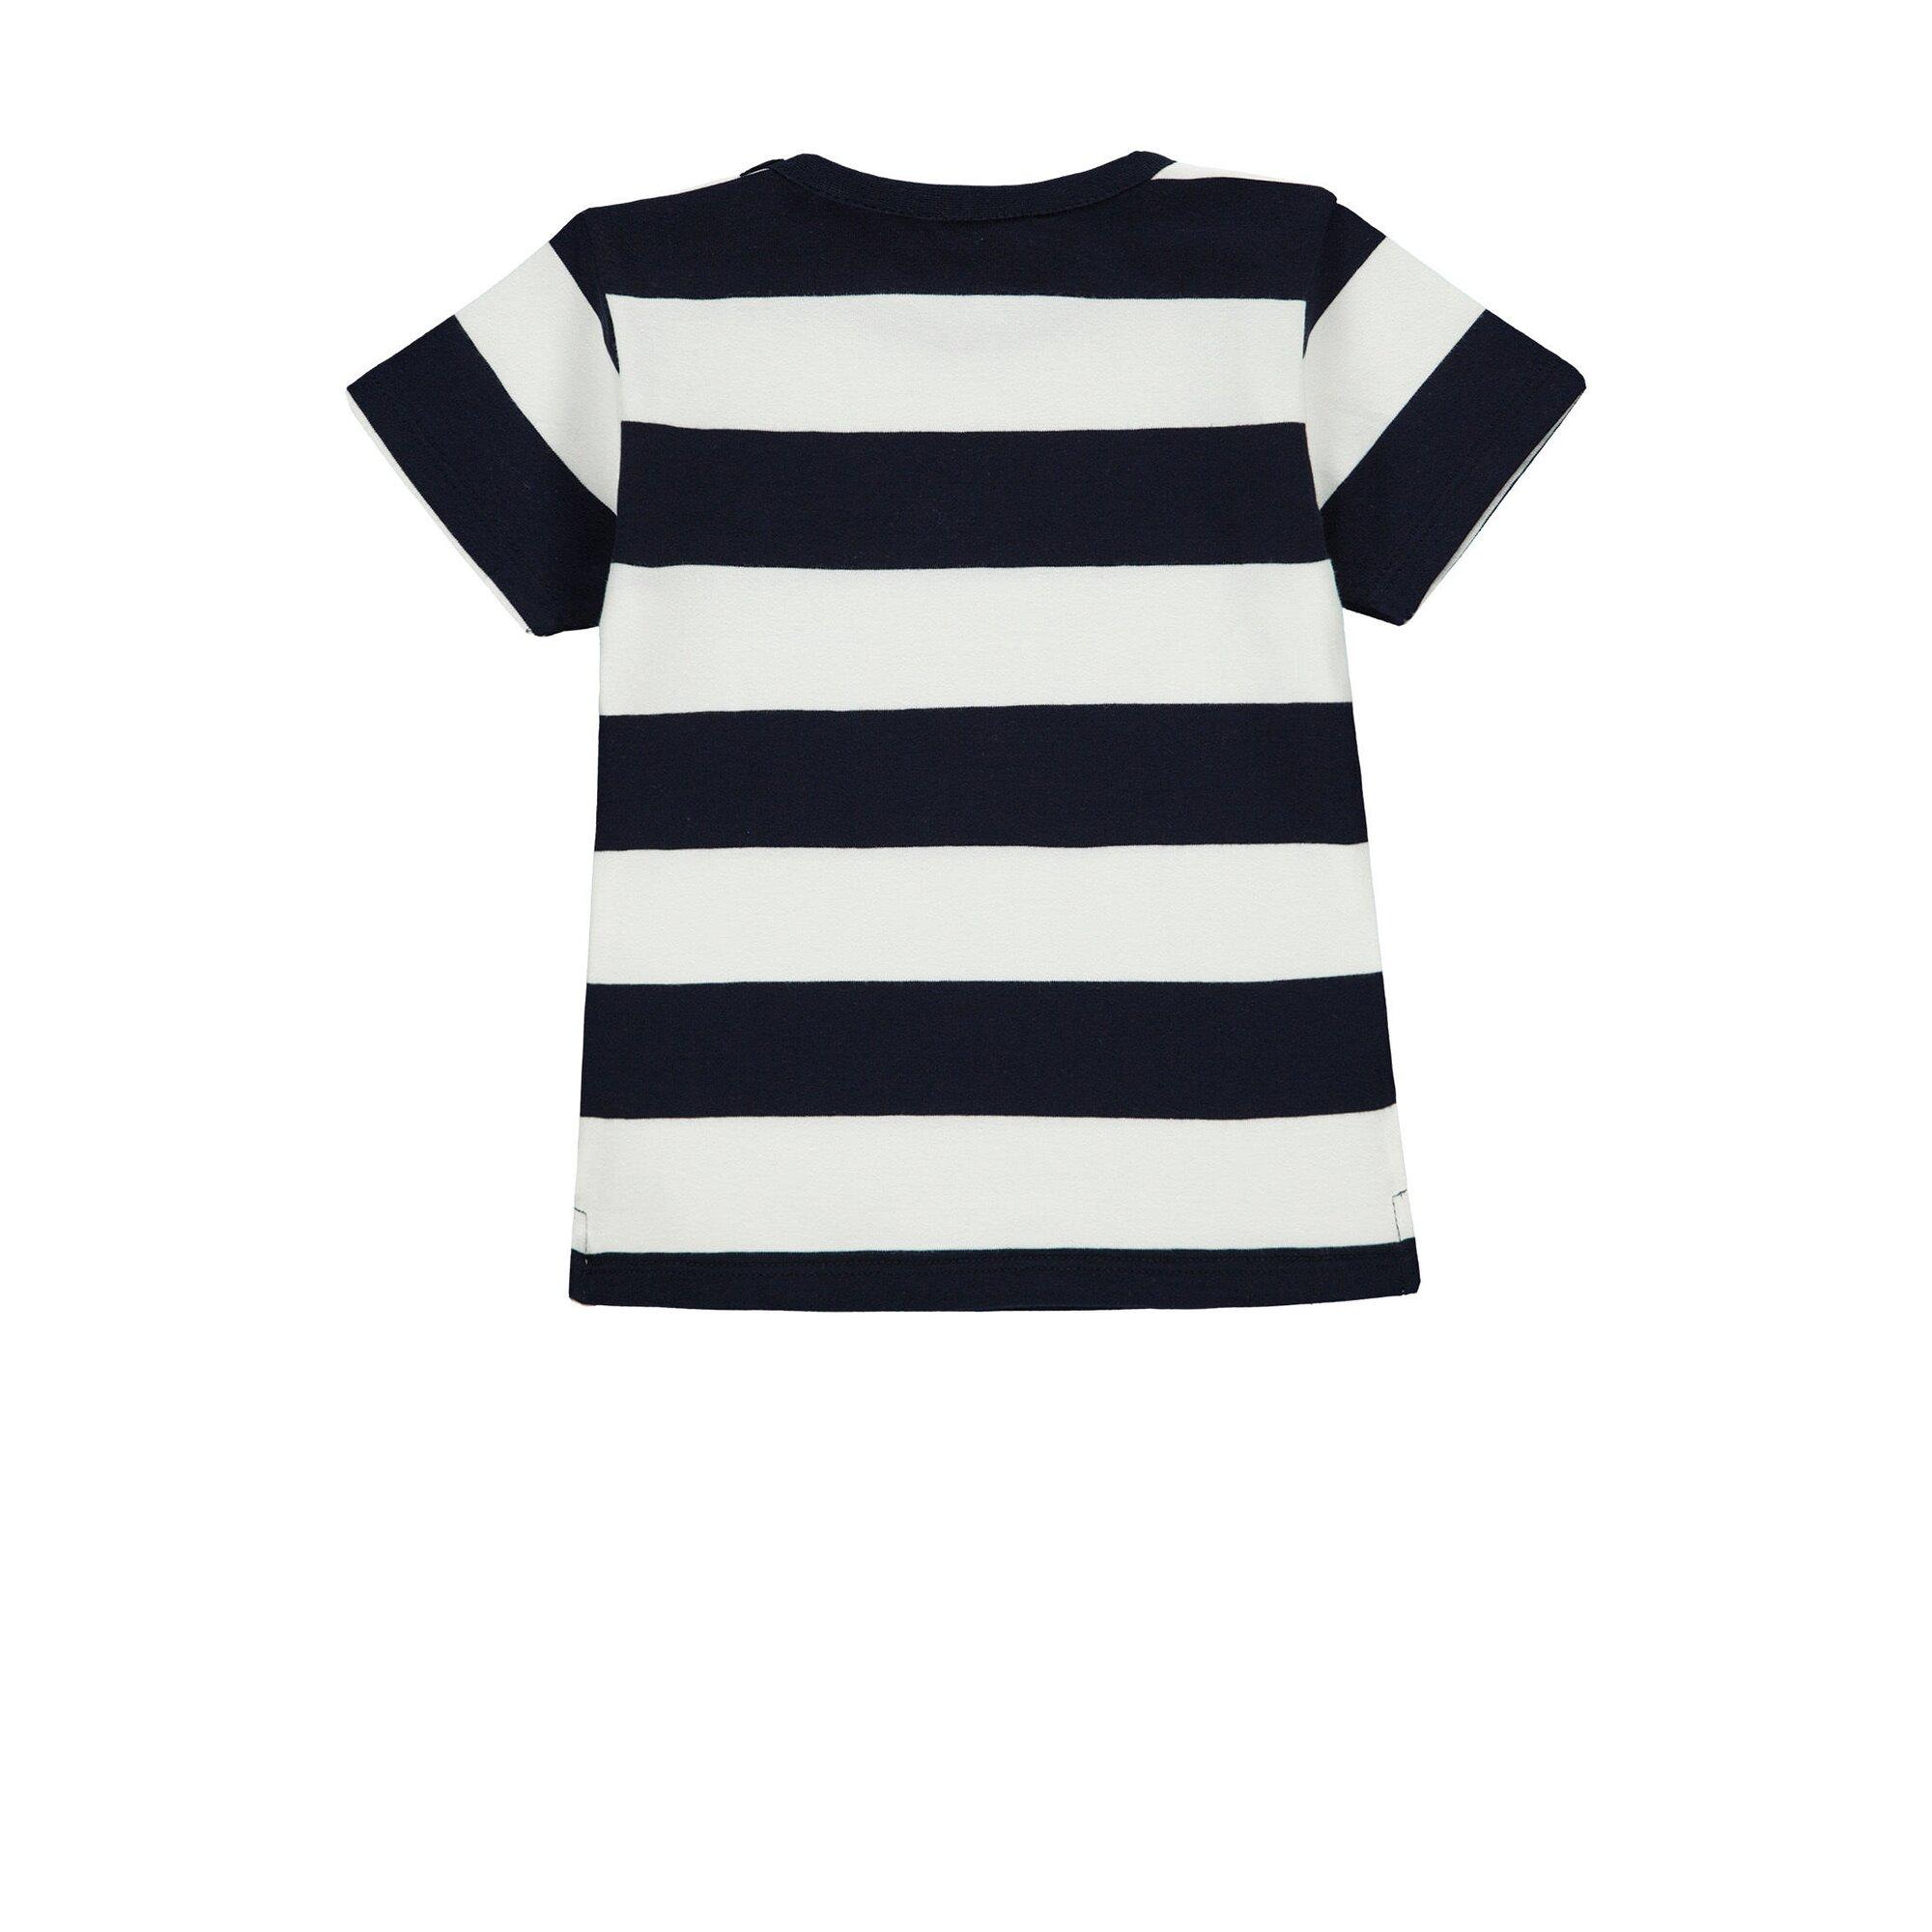 bellybutton-t-shirt